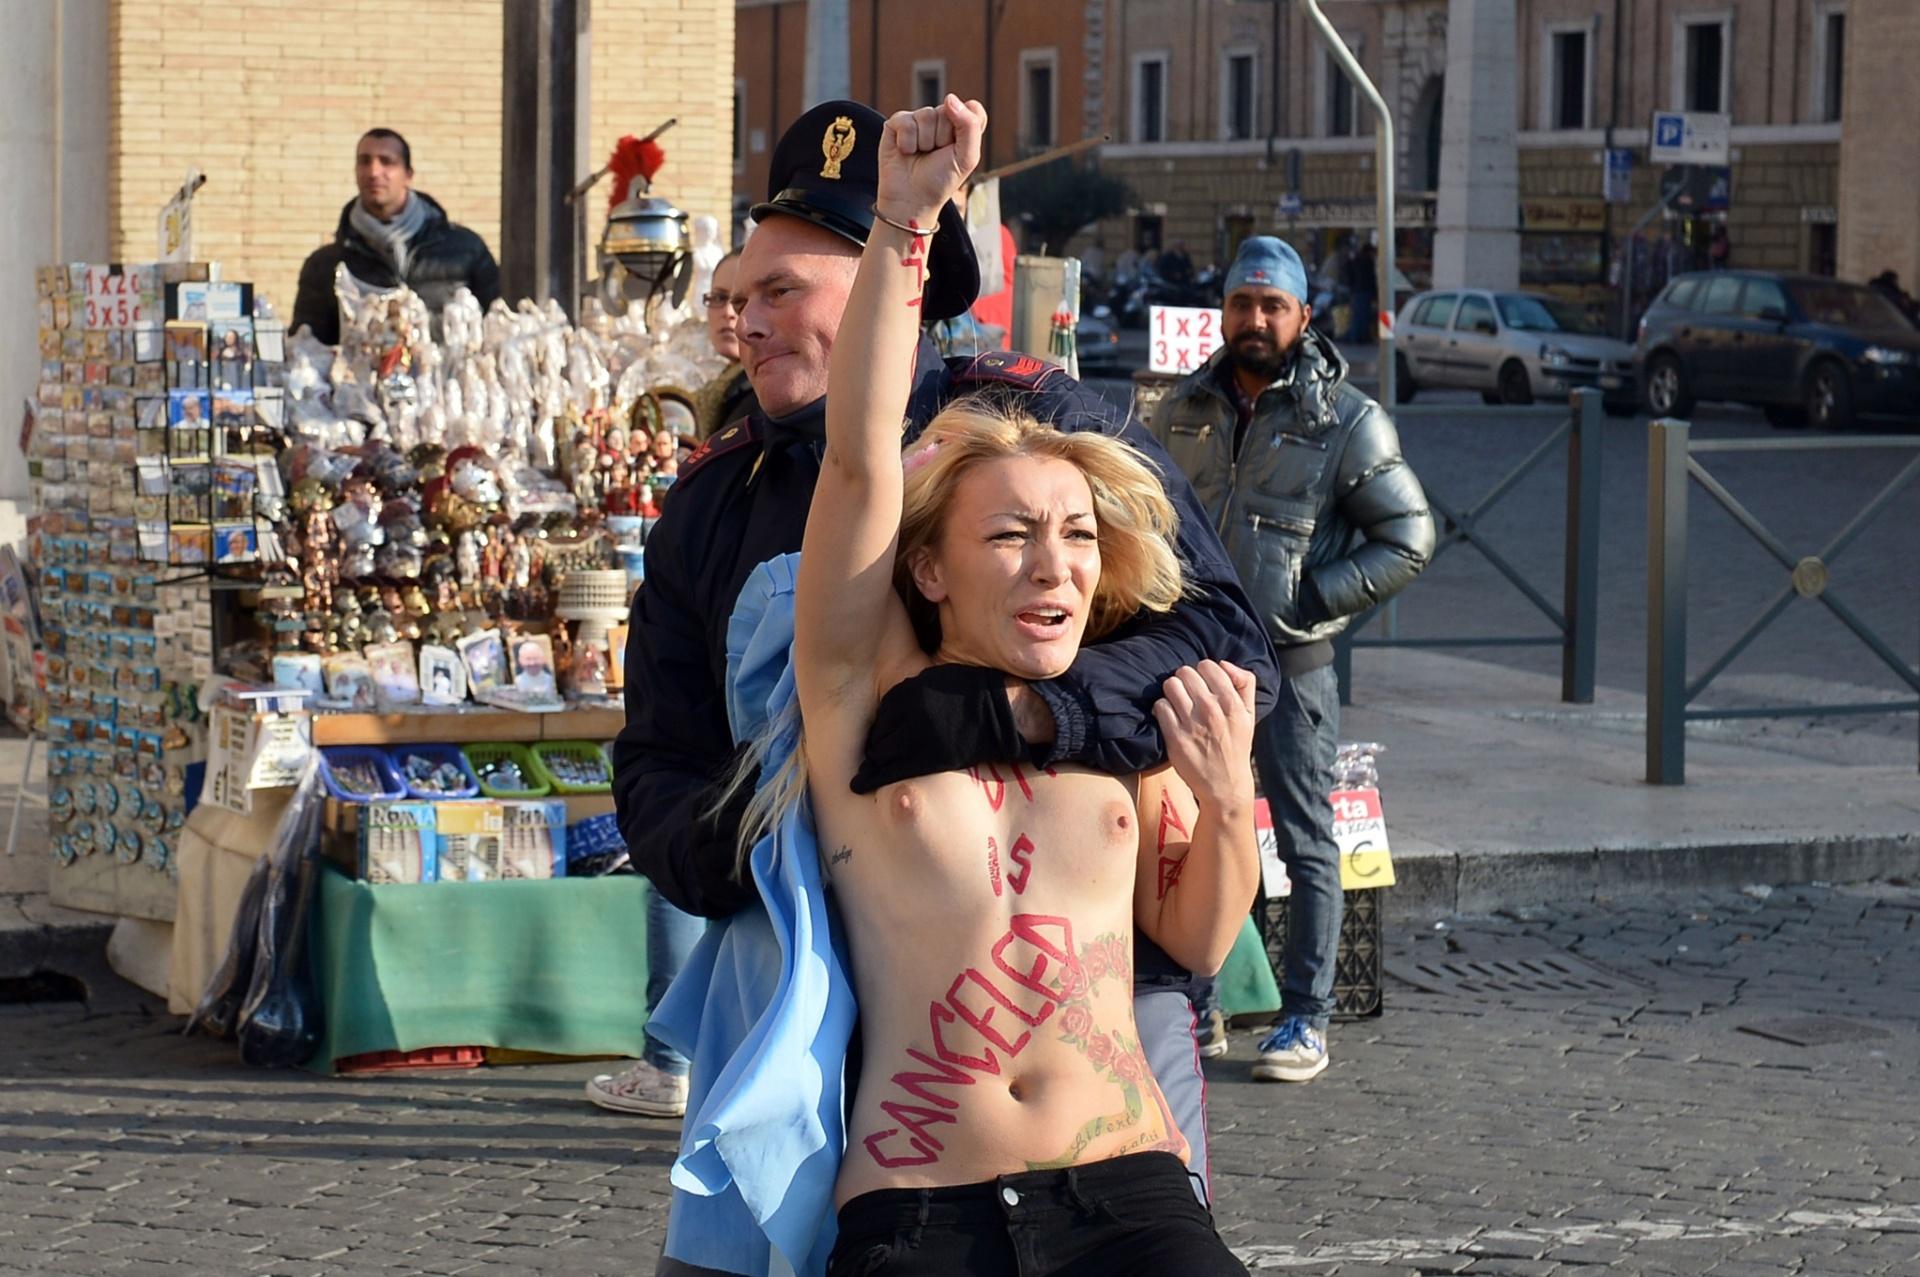 19.dez.2013 - A líder do grupo feminista Femen, Inna Shevchenko, participa de protesto a favor do aborto na praça de São Pedro, no Vaticano. Com os seis a mostra, a ativista escreveu no corpo